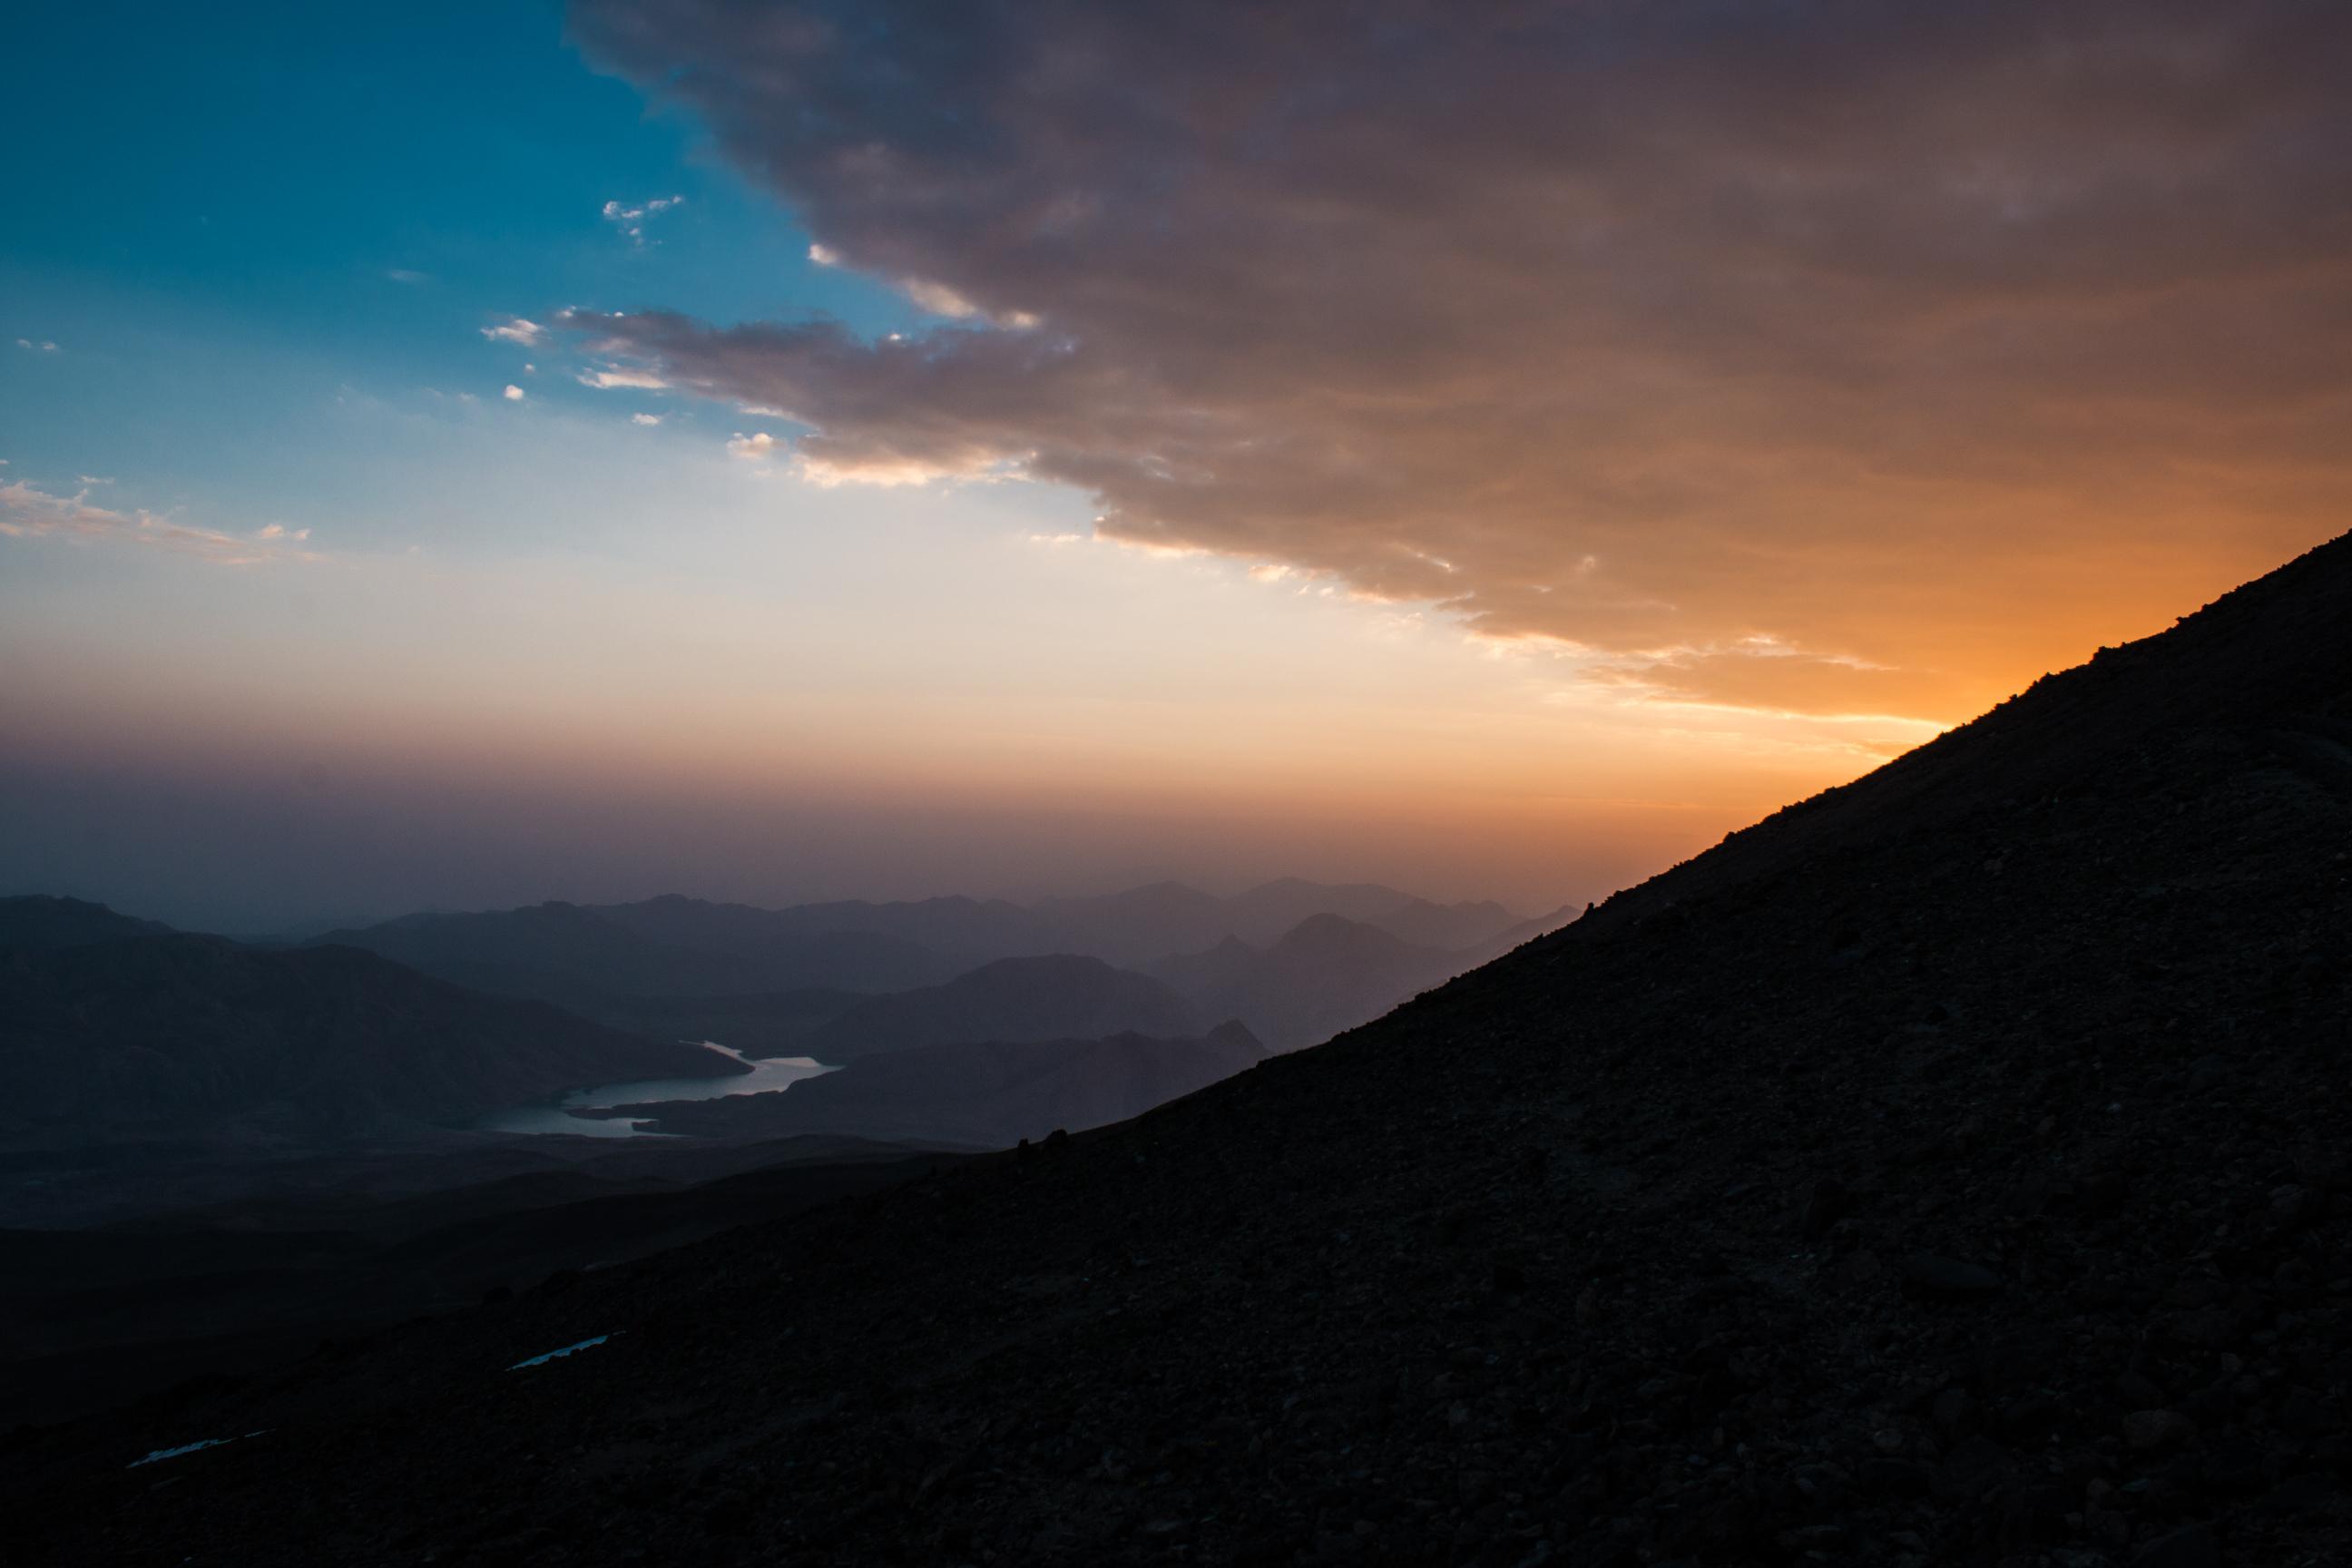 Chyba najładniejszy z zachodów słońca, jakie widzieliśmy w Iranie